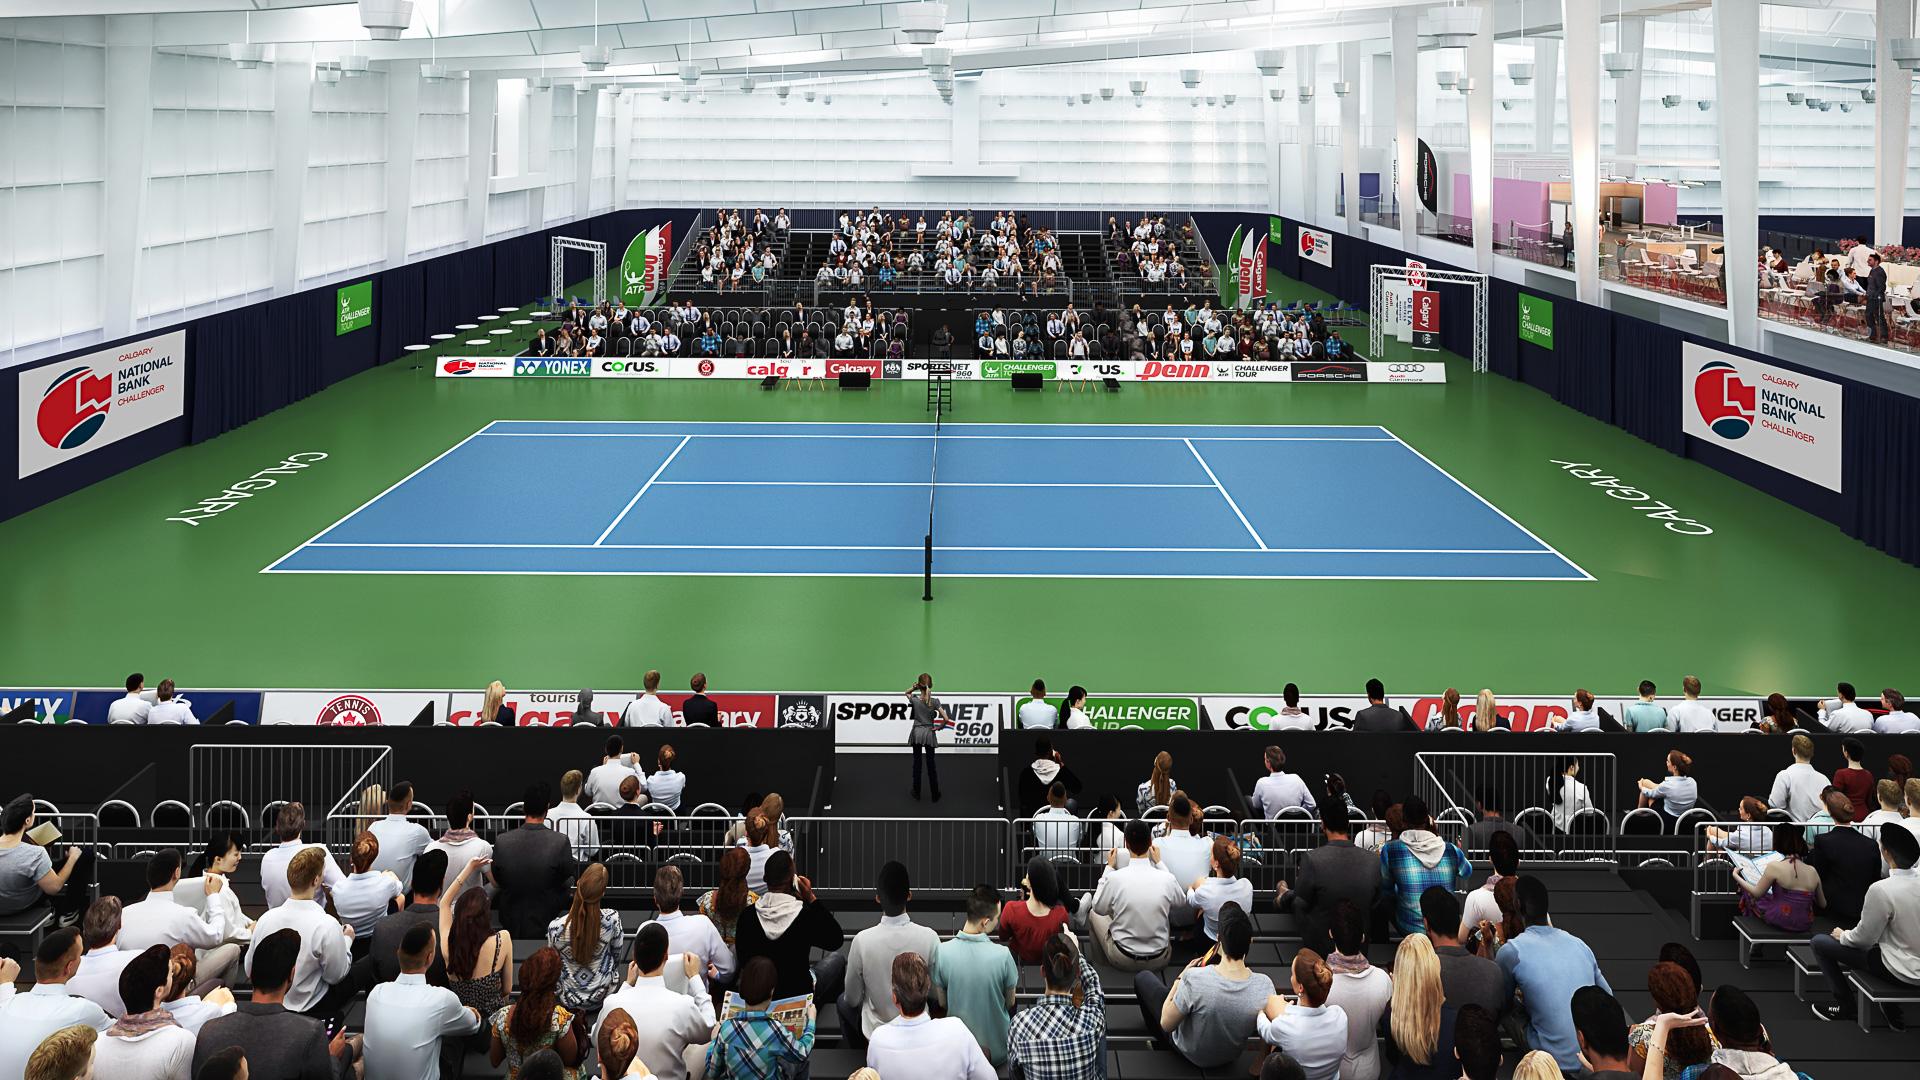 Alberta-Tennis-Centre-Renderings-04-2.jpg